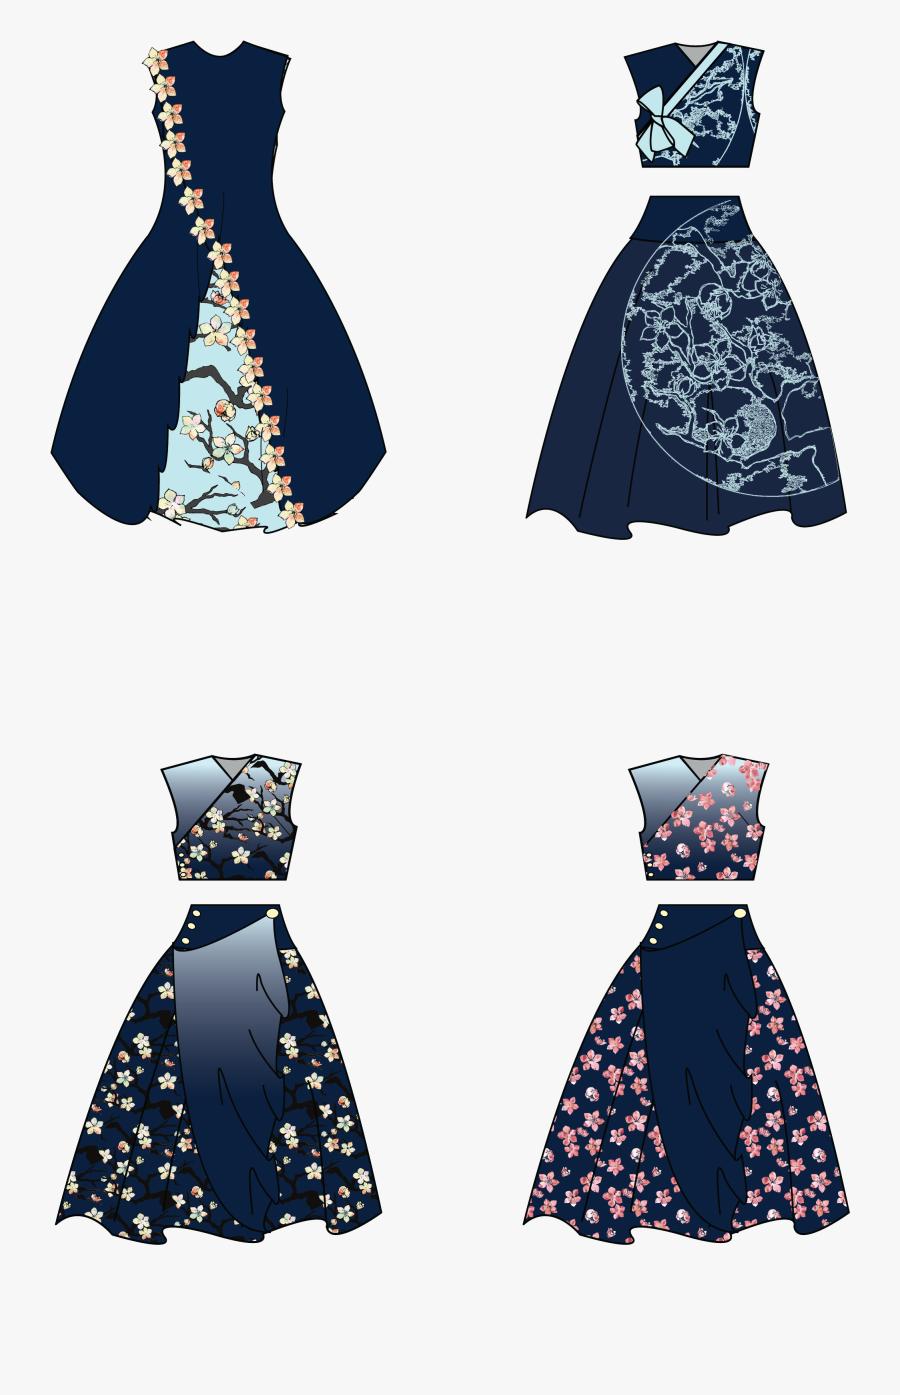 Transparent Vintage Fashion Design Clipart - Cocktail Dresses Designs Drawing, Transparent Clipart